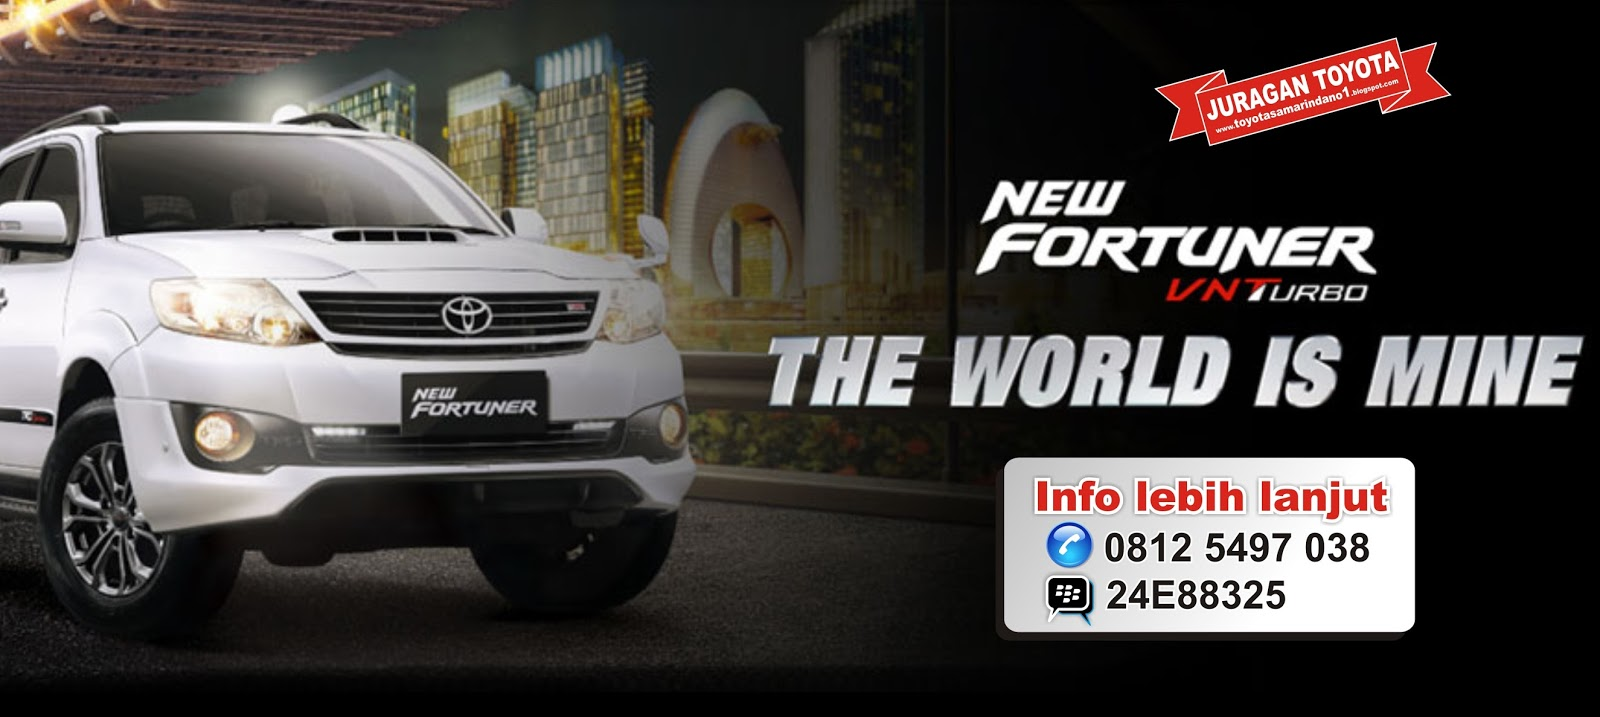 Kelebihan Kekurangan Harga Mobil Toyota Fortuner Review